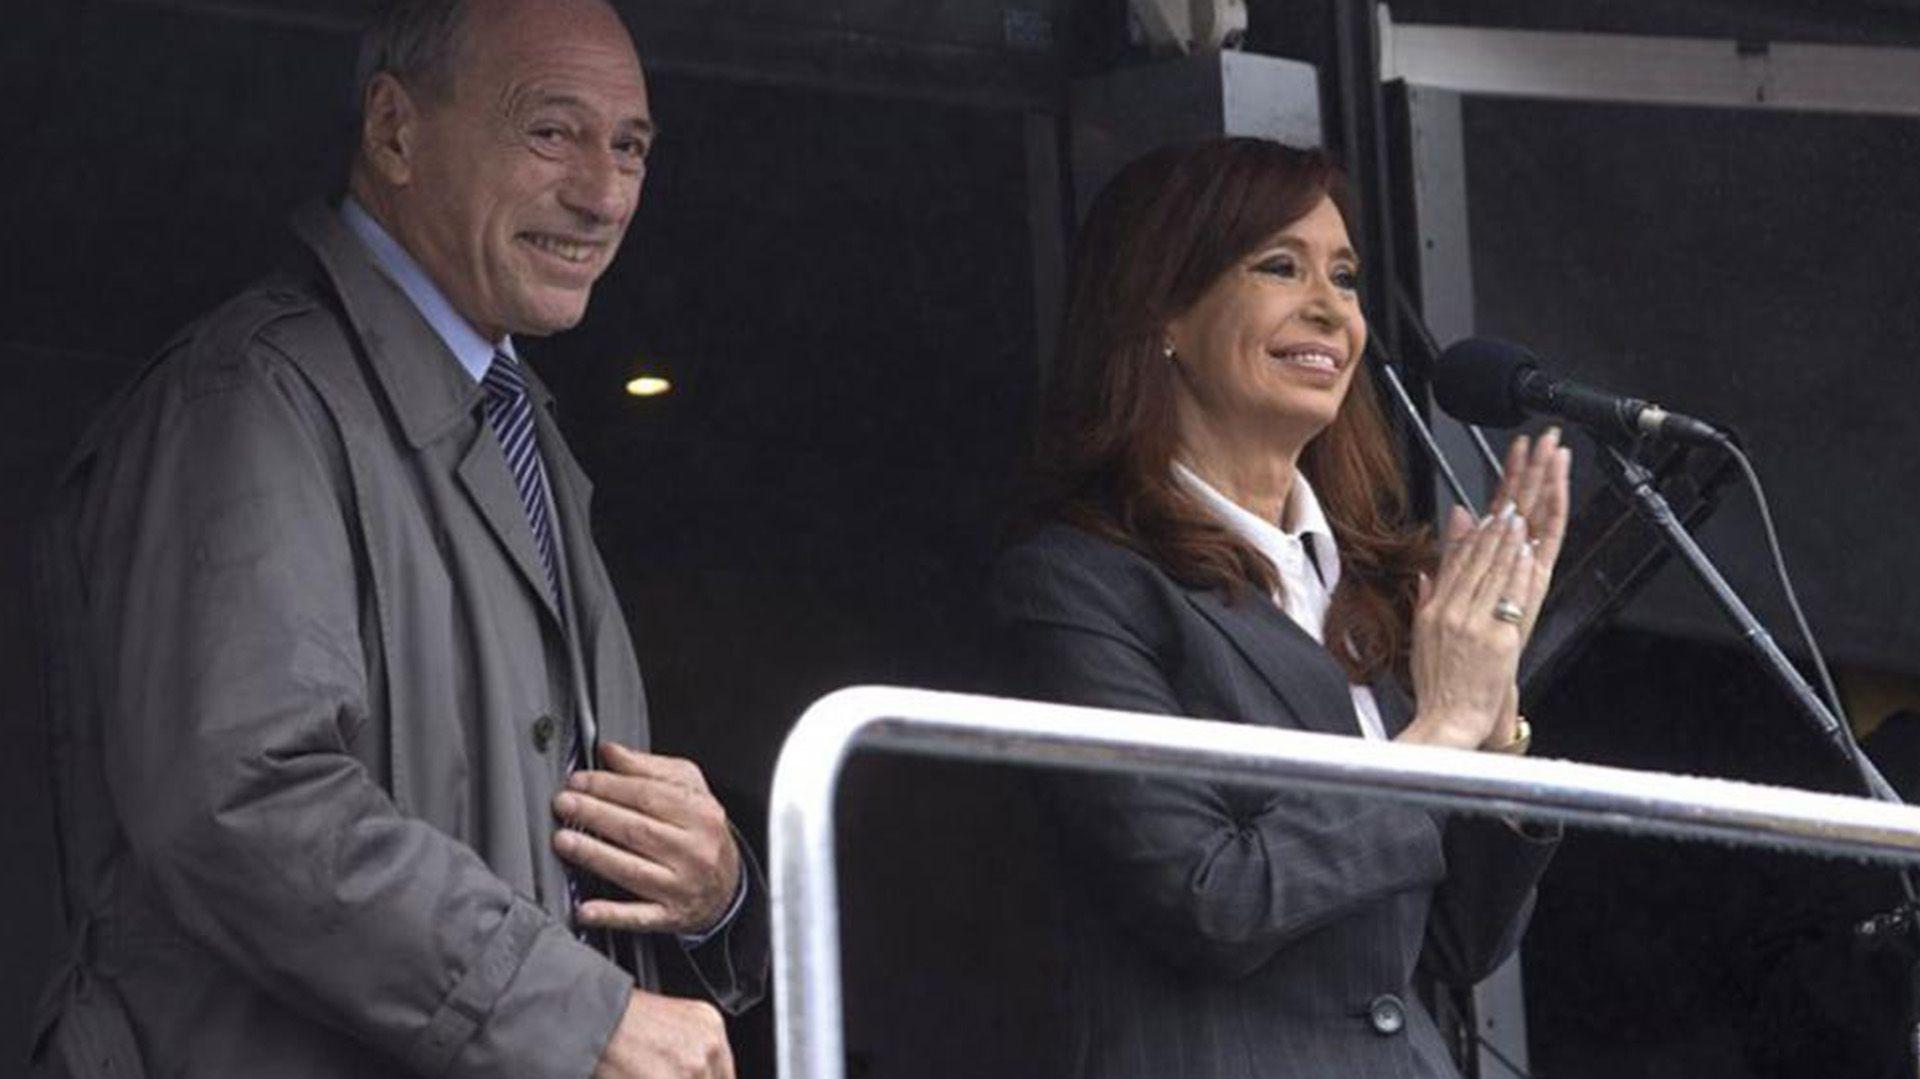 El ex juez de la Corte fue muy cercano al gobierno de Cristina Kirchner